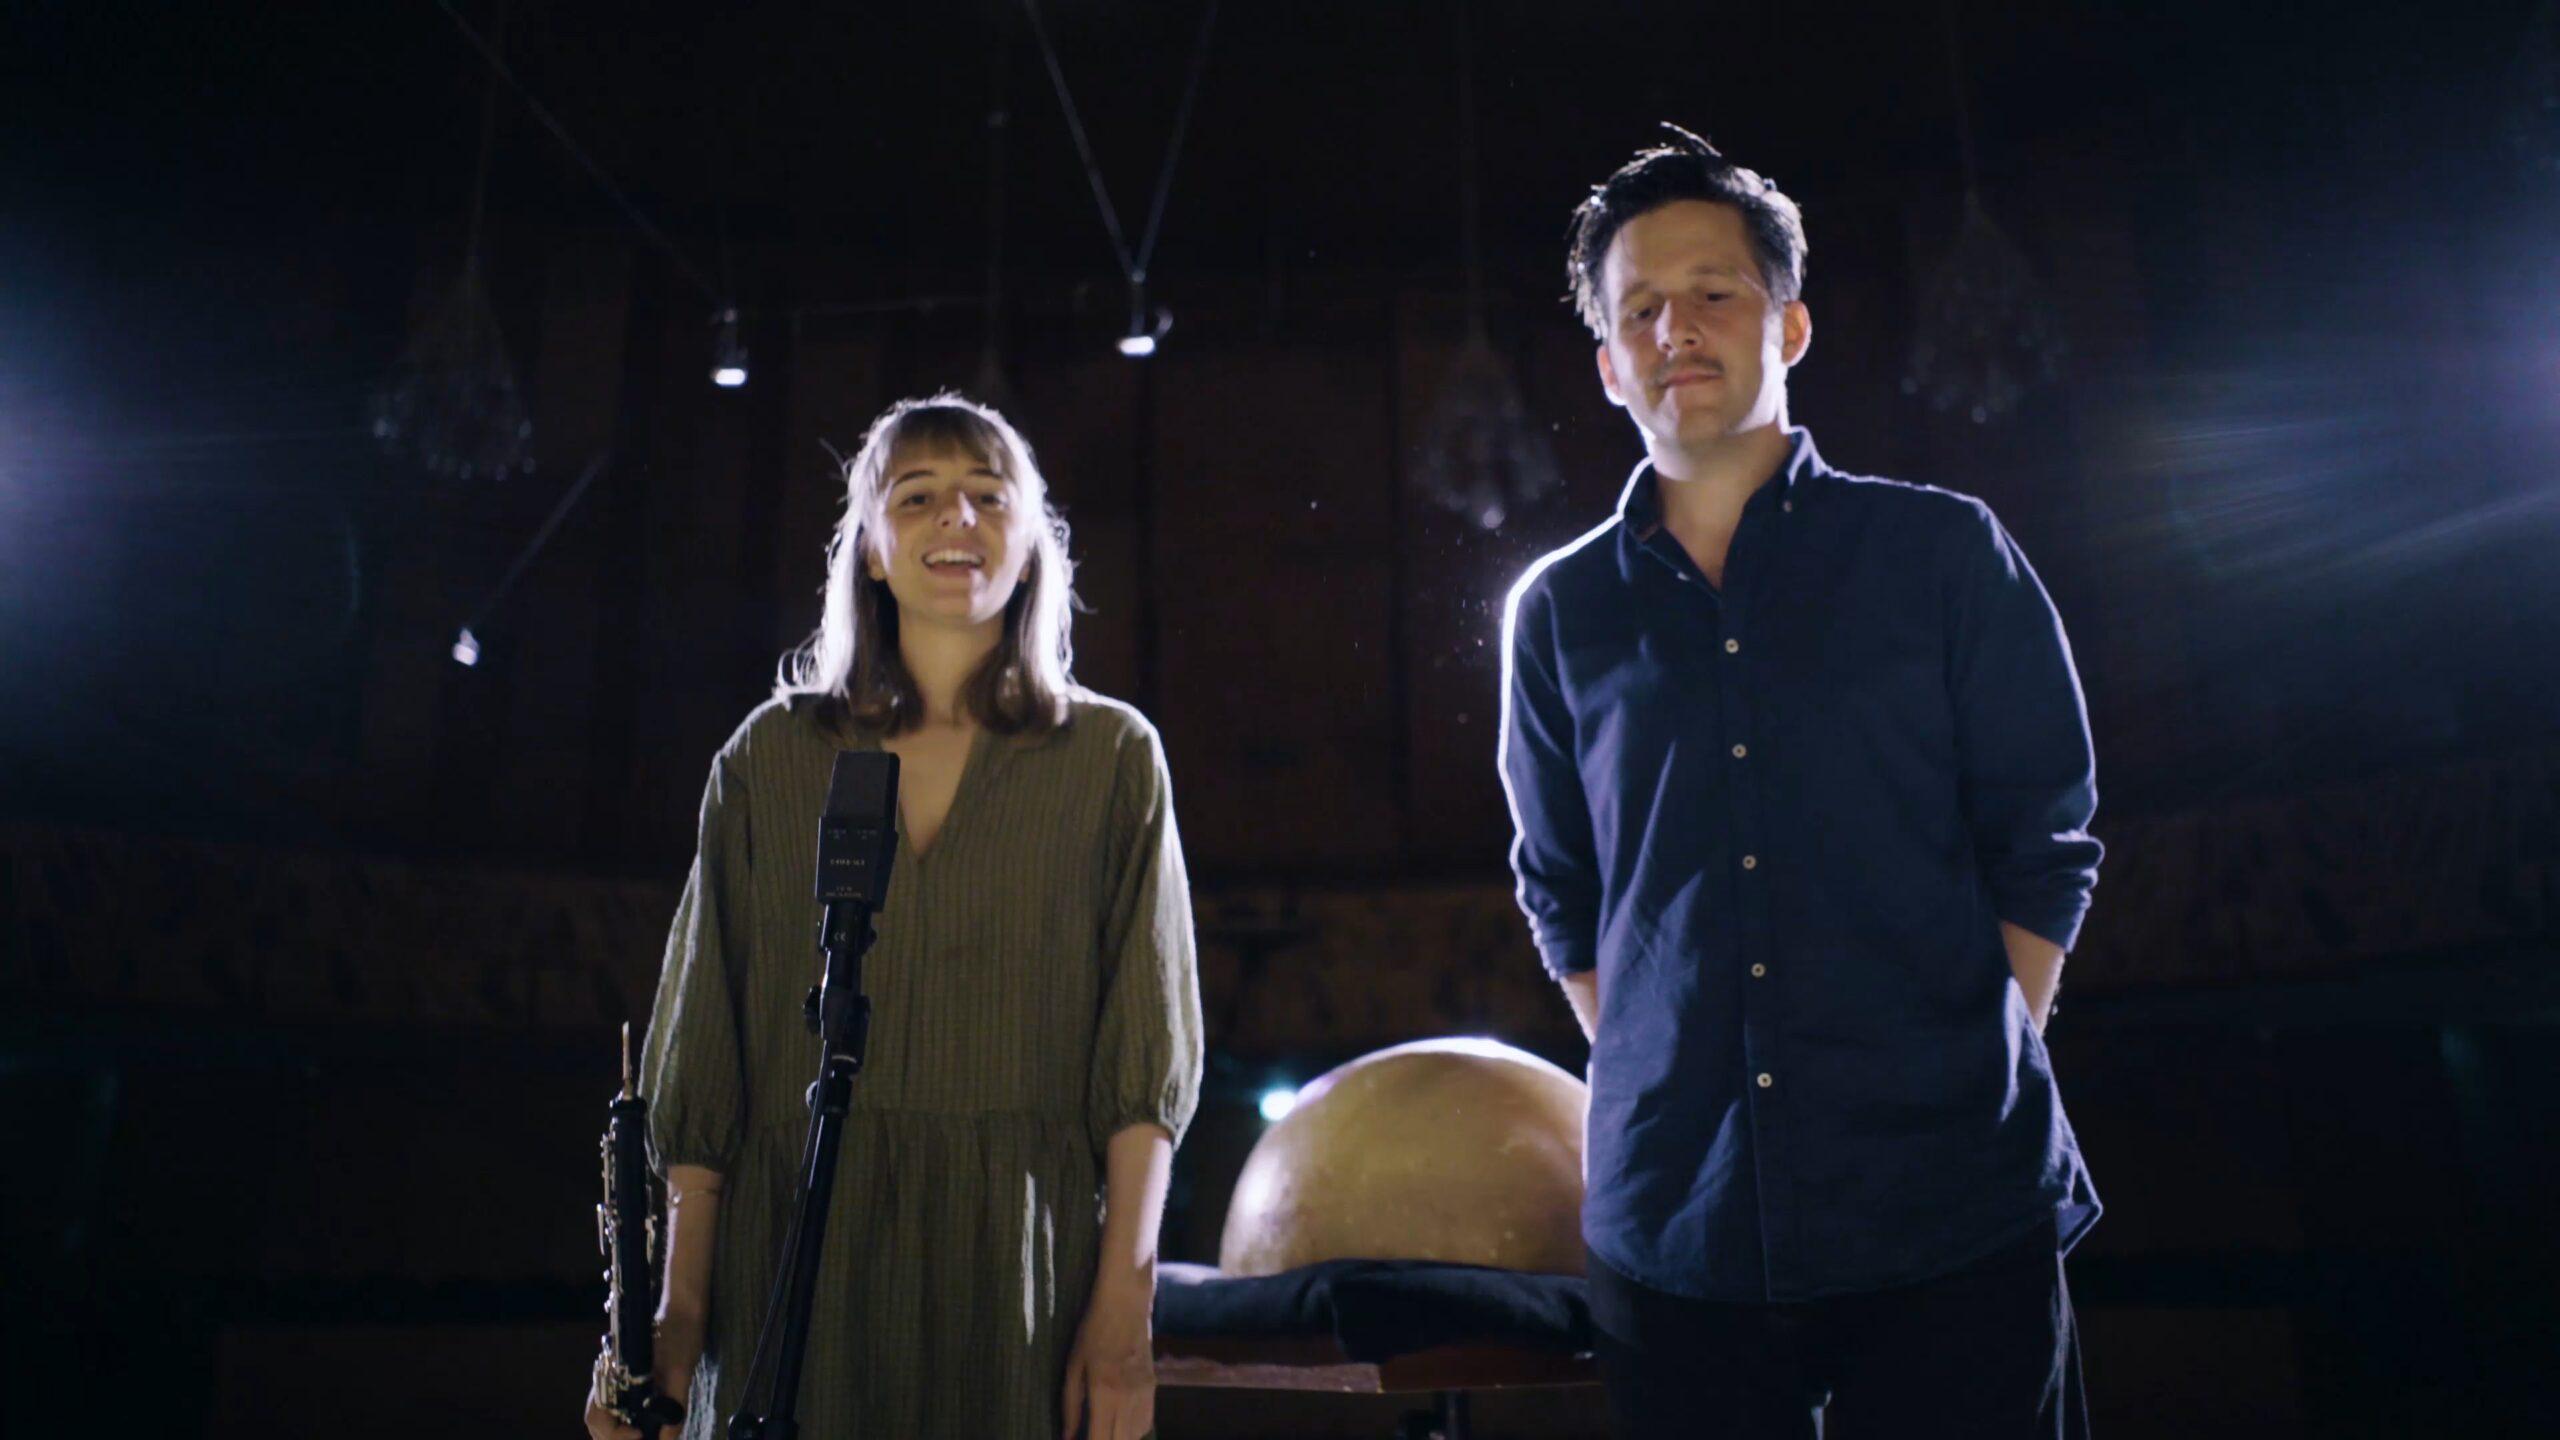 Miriam Green und Simon Popp - kein Orchester, aber zu zweit weniger allein!